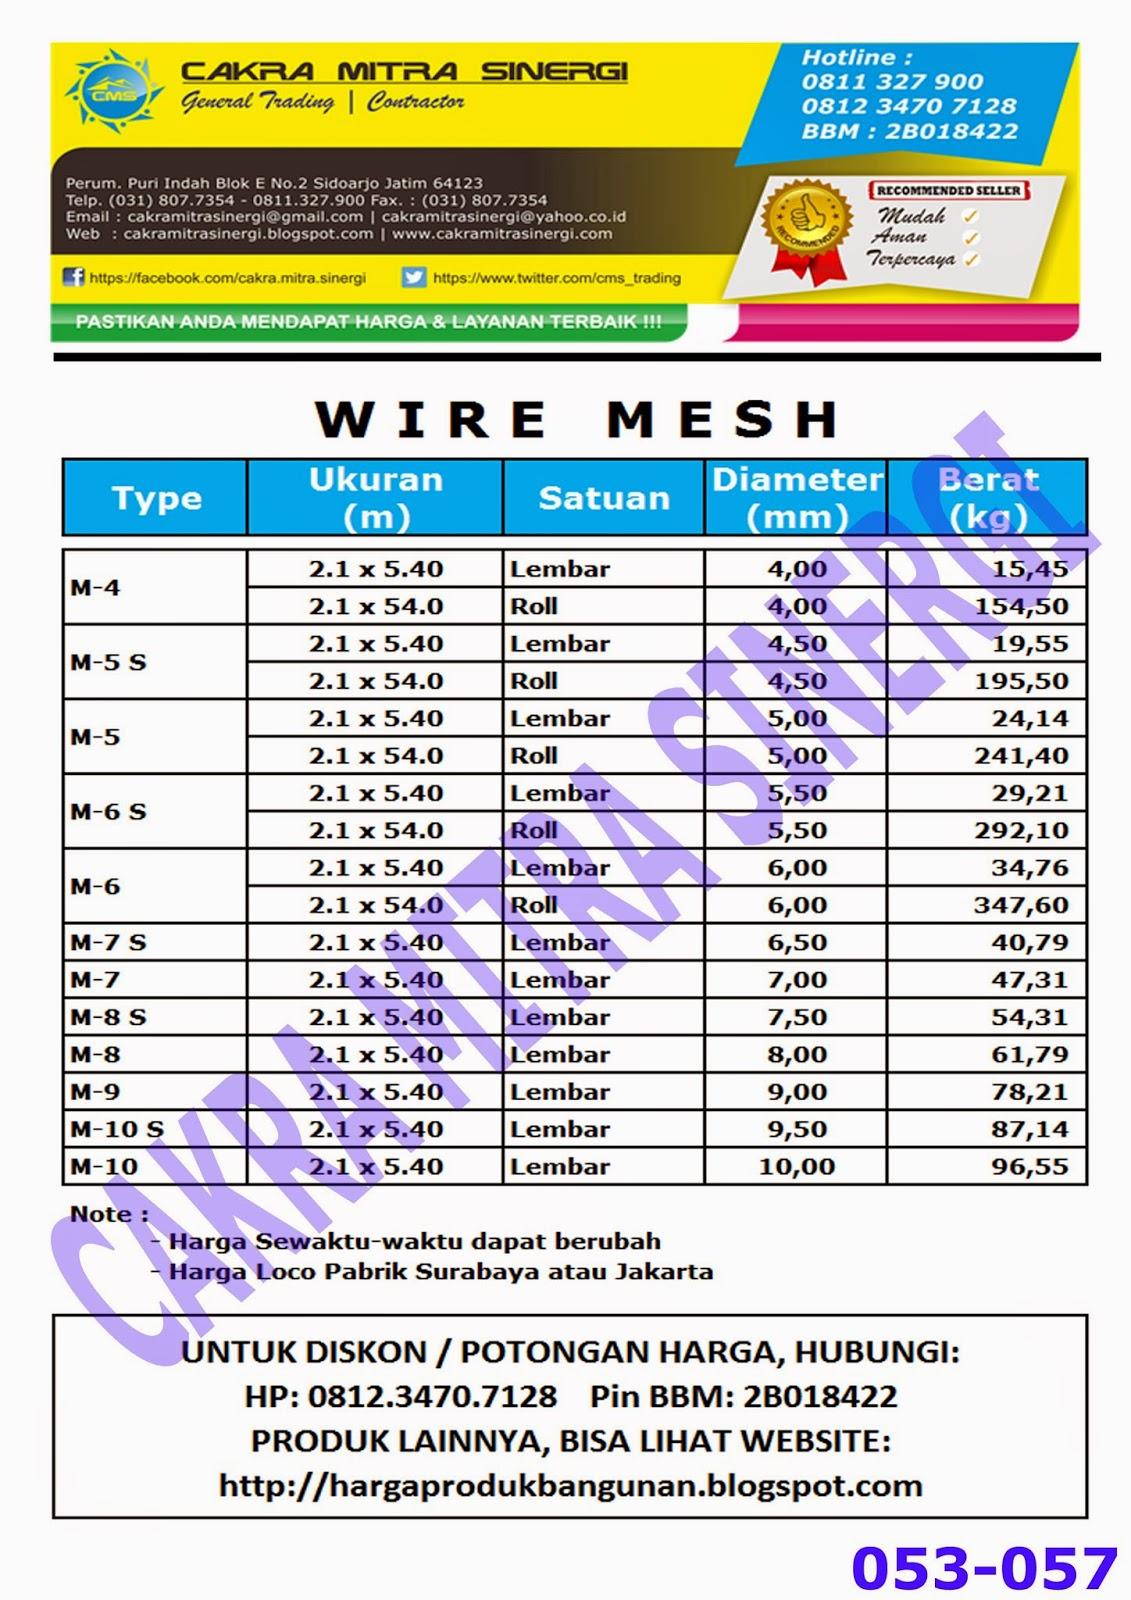 Image Result For Harga Wiremesh Di Bandung